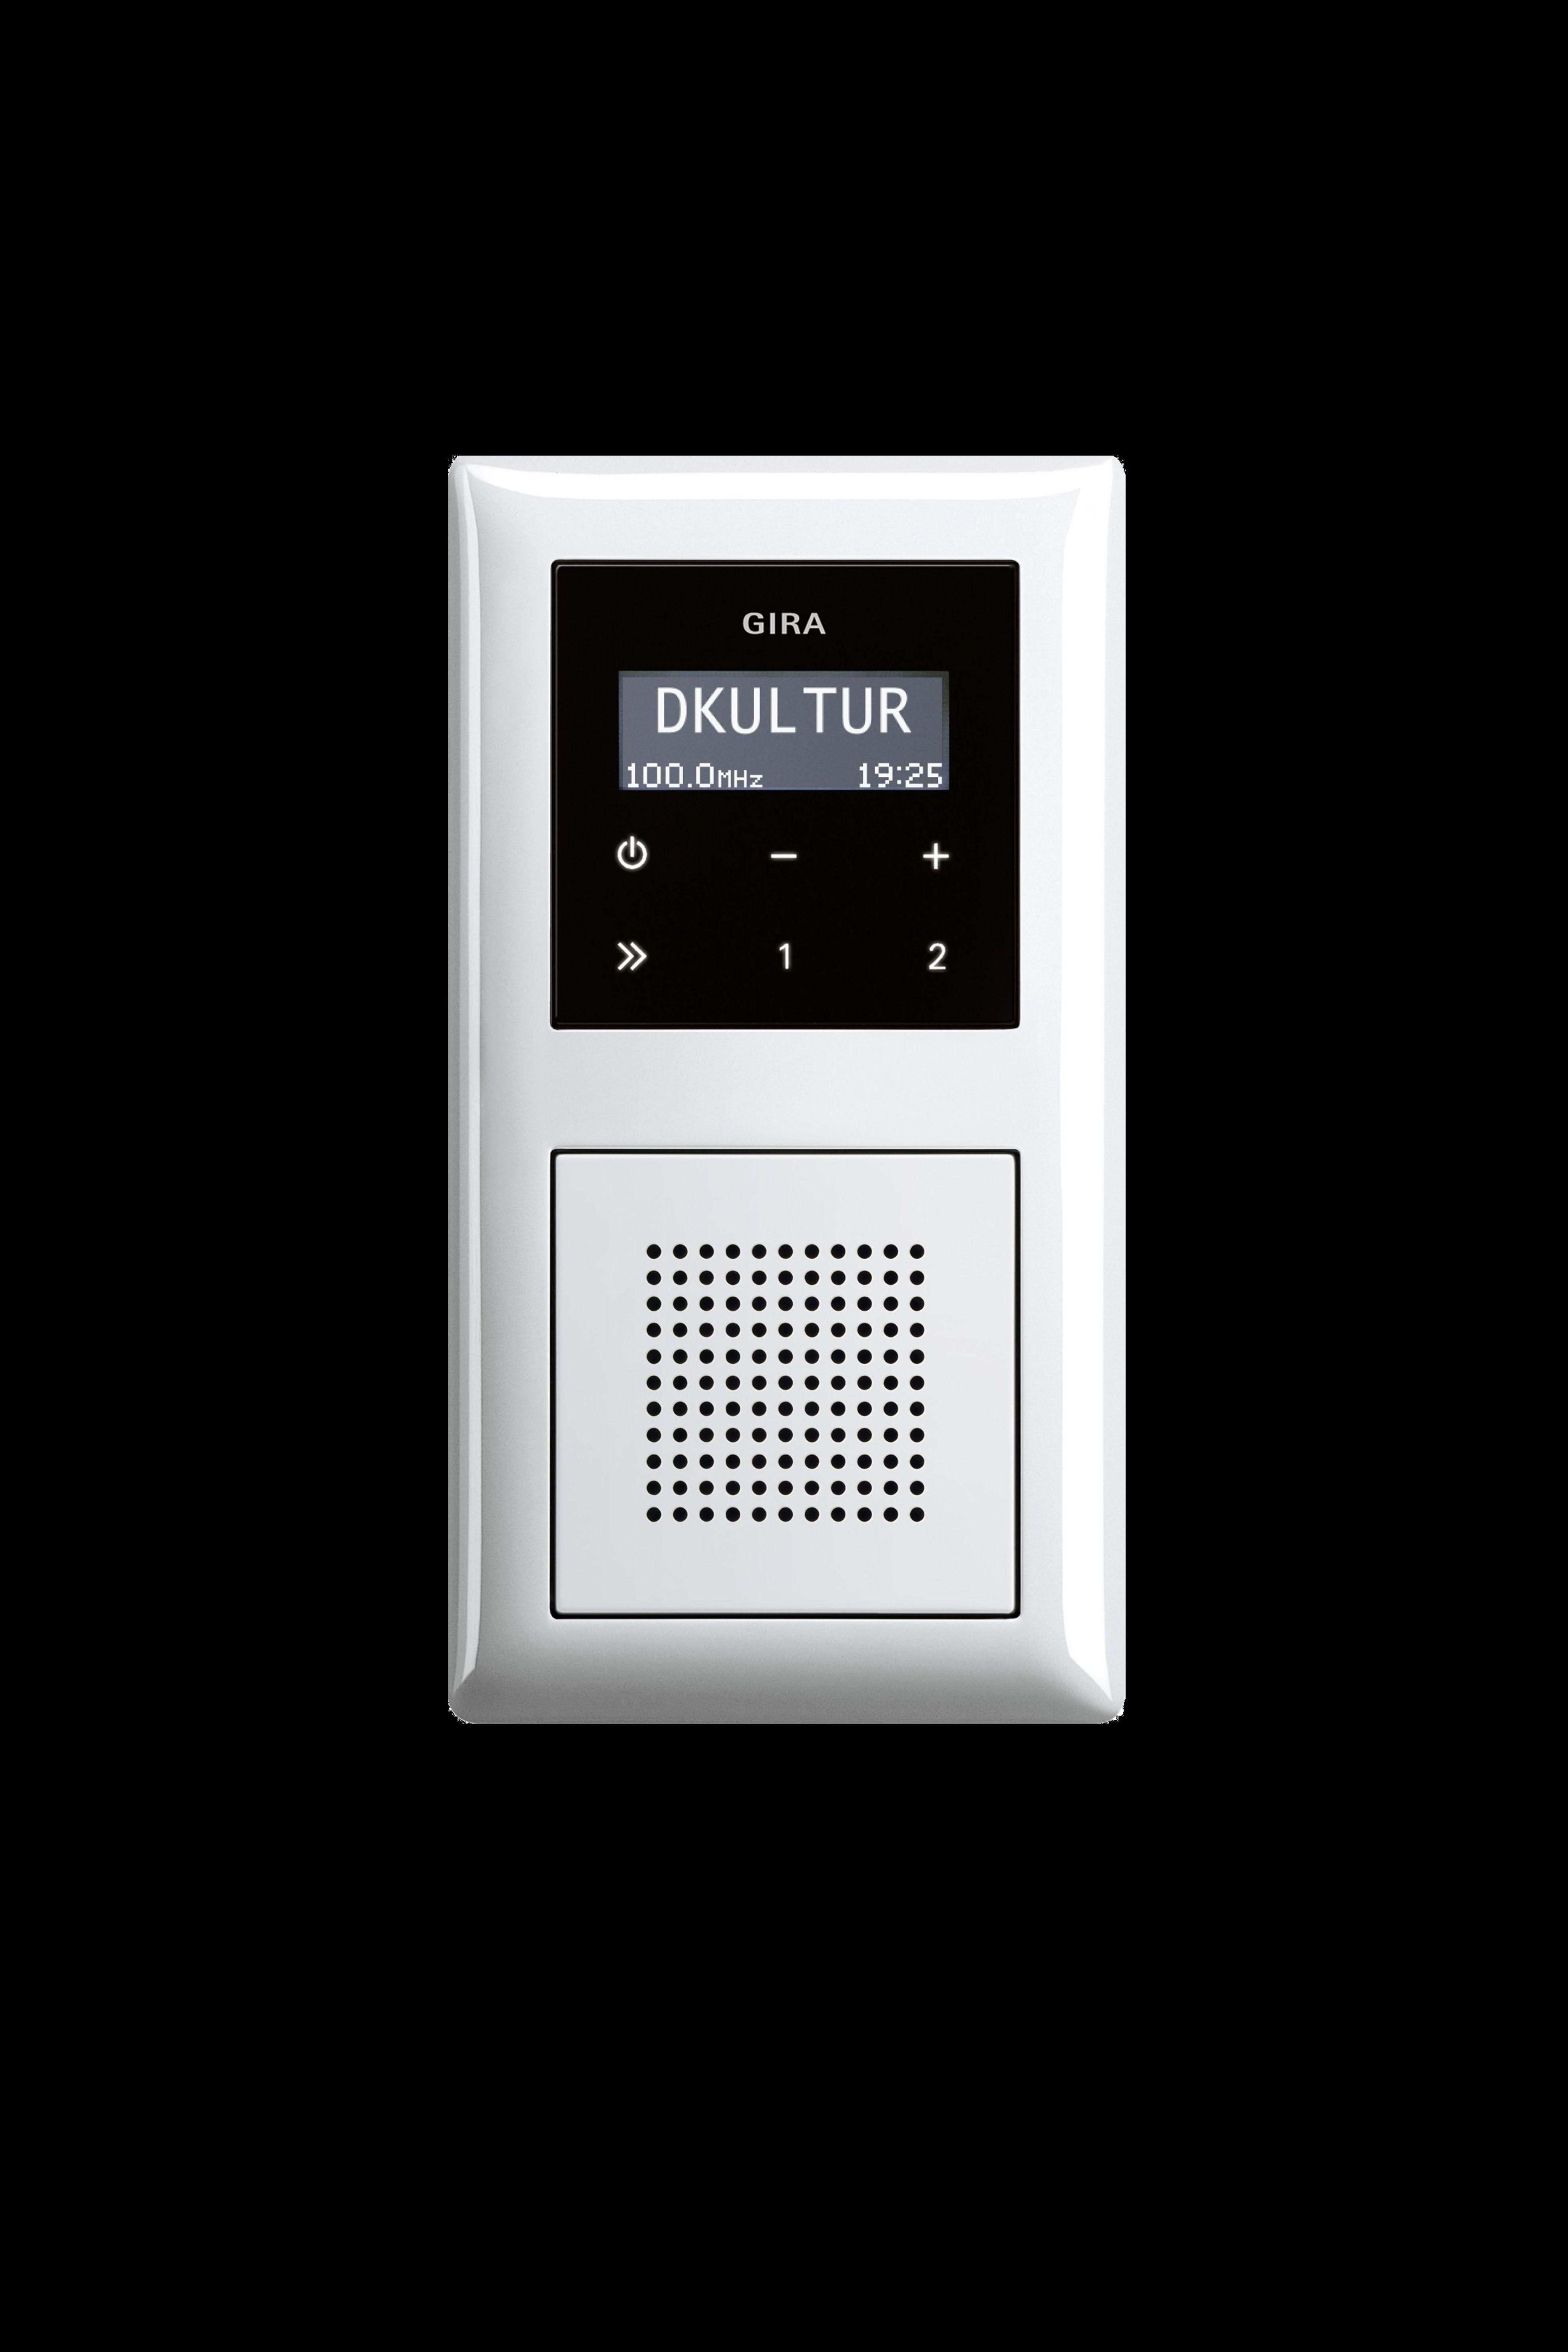 Platzsparendes Design Radio Radios Schalterprogramm Radio Musik